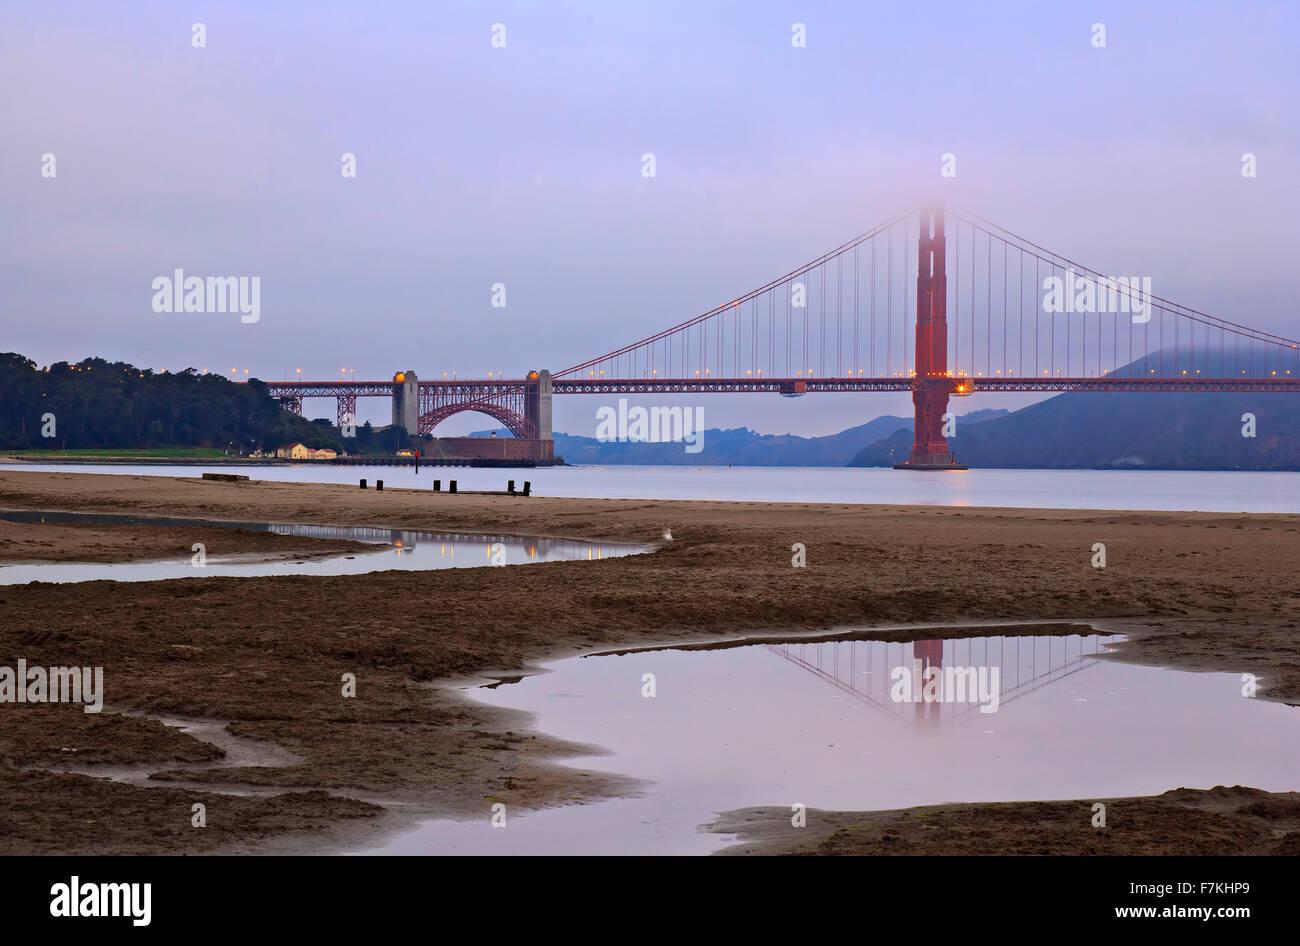 Golden Gate Bridge spiegelt sich im Teich (in Crissy Field) und Nebel, San Francisco, Kalifornien, USA Stockbild